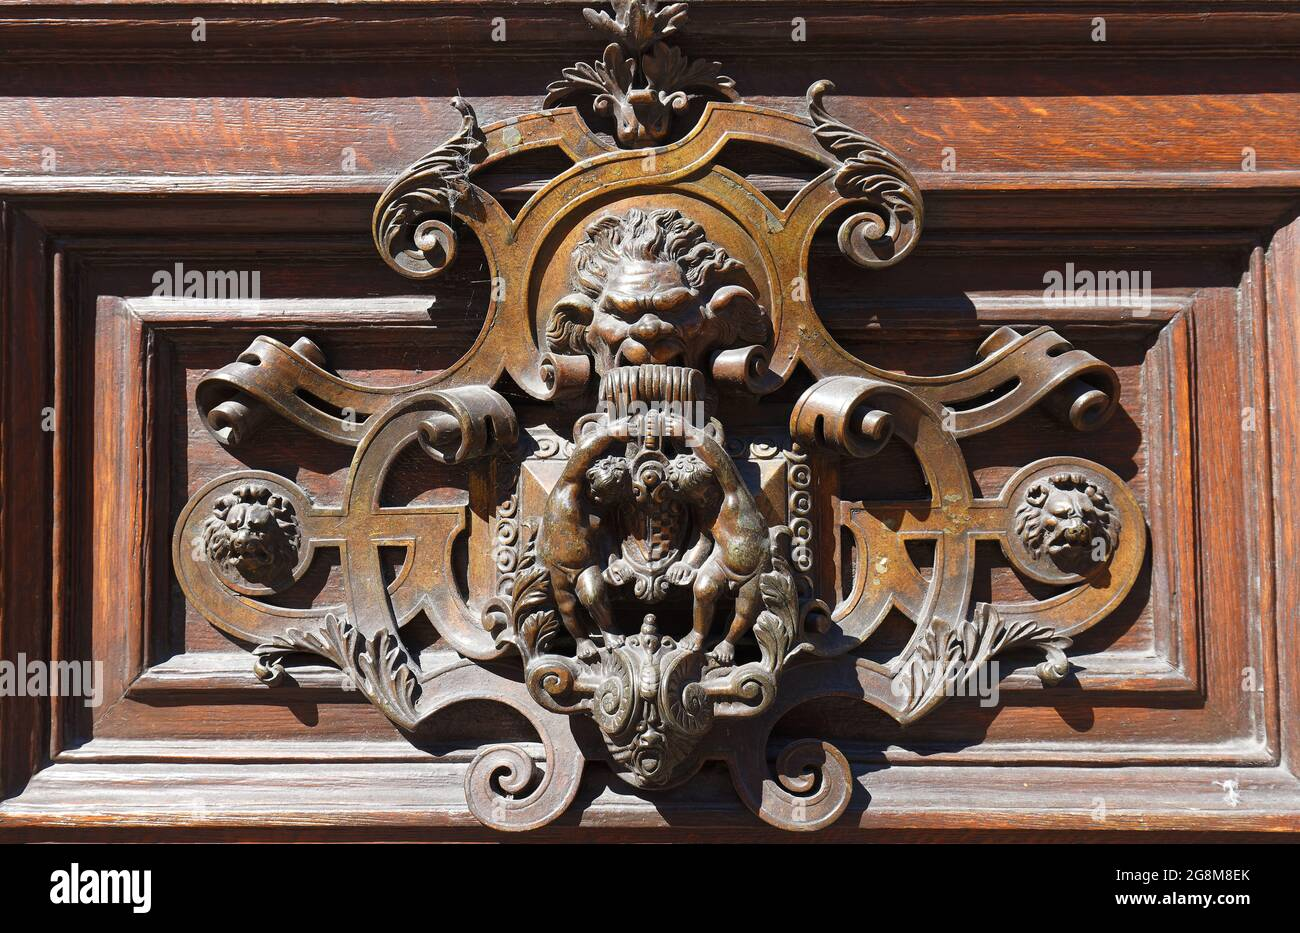 Bussatore europeo vintage vecchio metallo ferro battuto porta. Dettagli del progetto. Parigi. Foto Stock